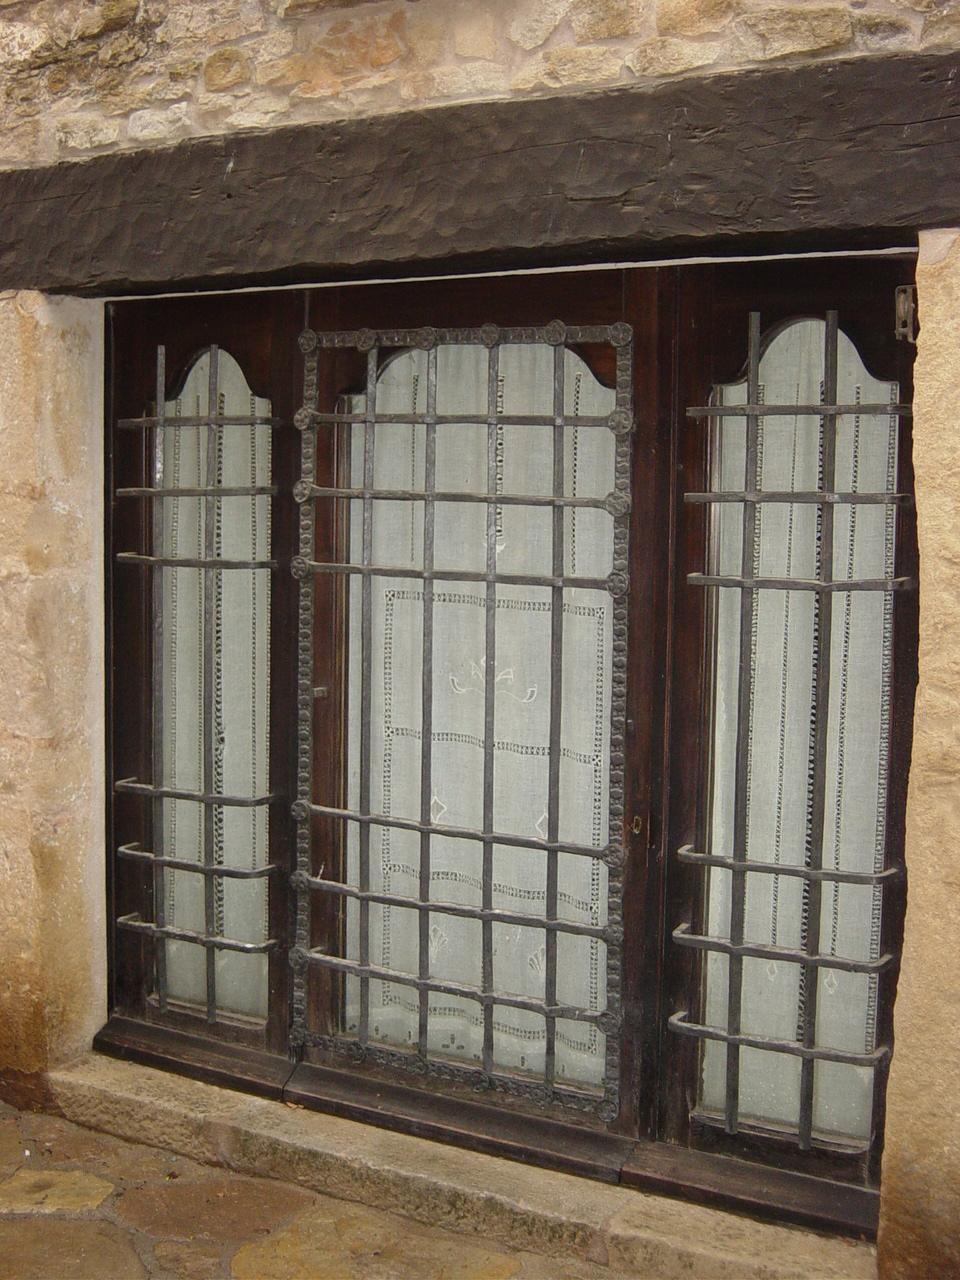 rejas de forja para ventanas y puertas seguridad rejas de hierro para ventanas y puertas rejas para ventanas y puertas de seguridad rejas de forja balcones